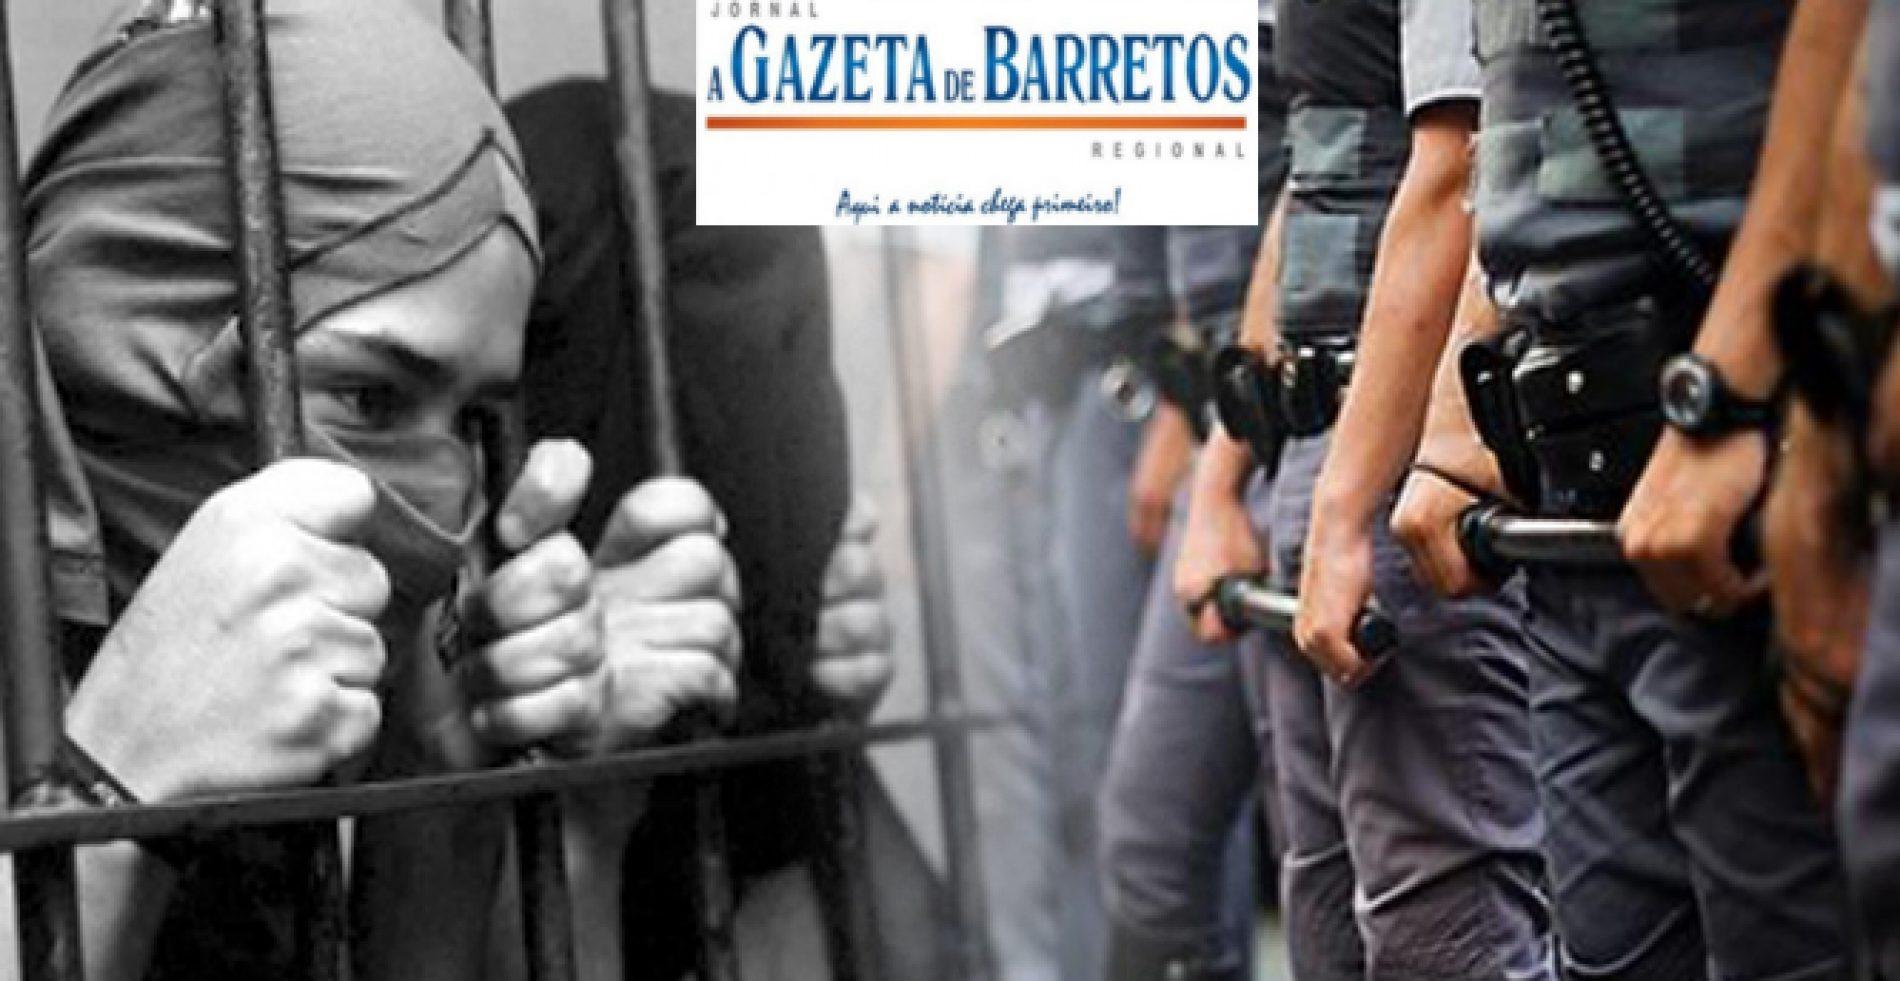 Menor é detido traficando drogas no bairro Alvorada